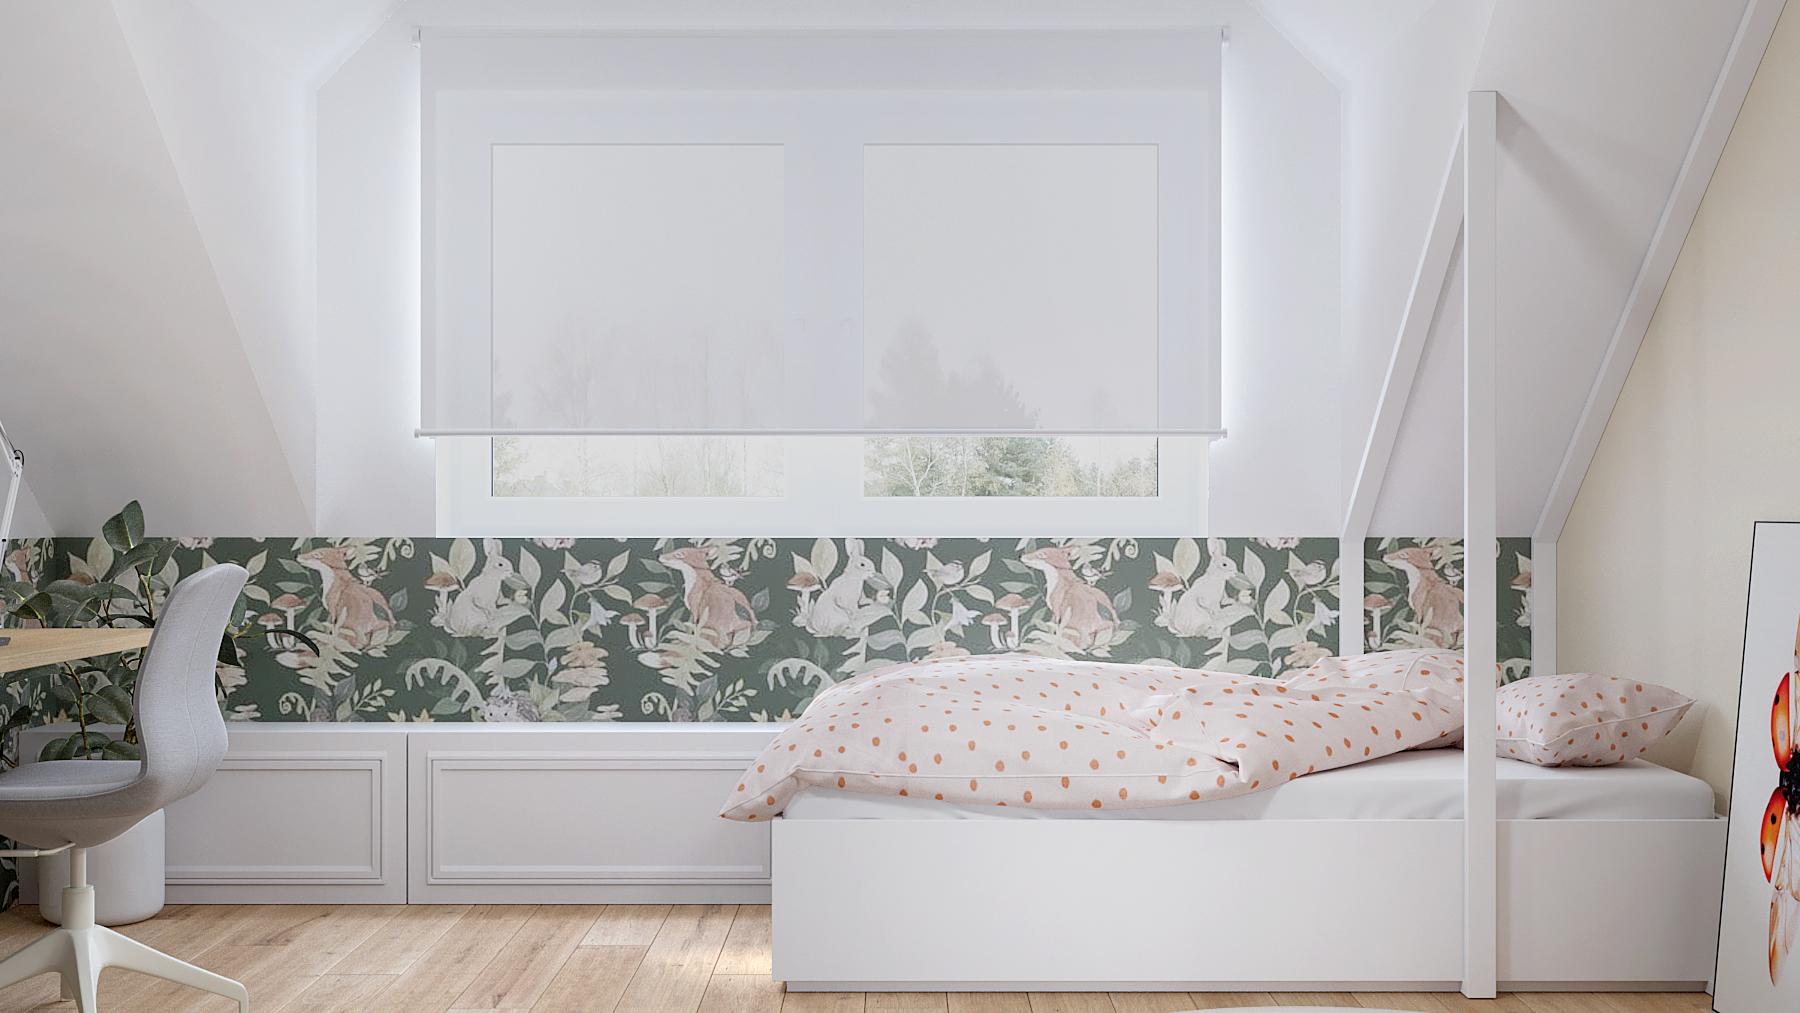 11 projektant wnetrz D423 poddasze Myslowice pokoj dla dziewczynki biale lozko domek tapata liski